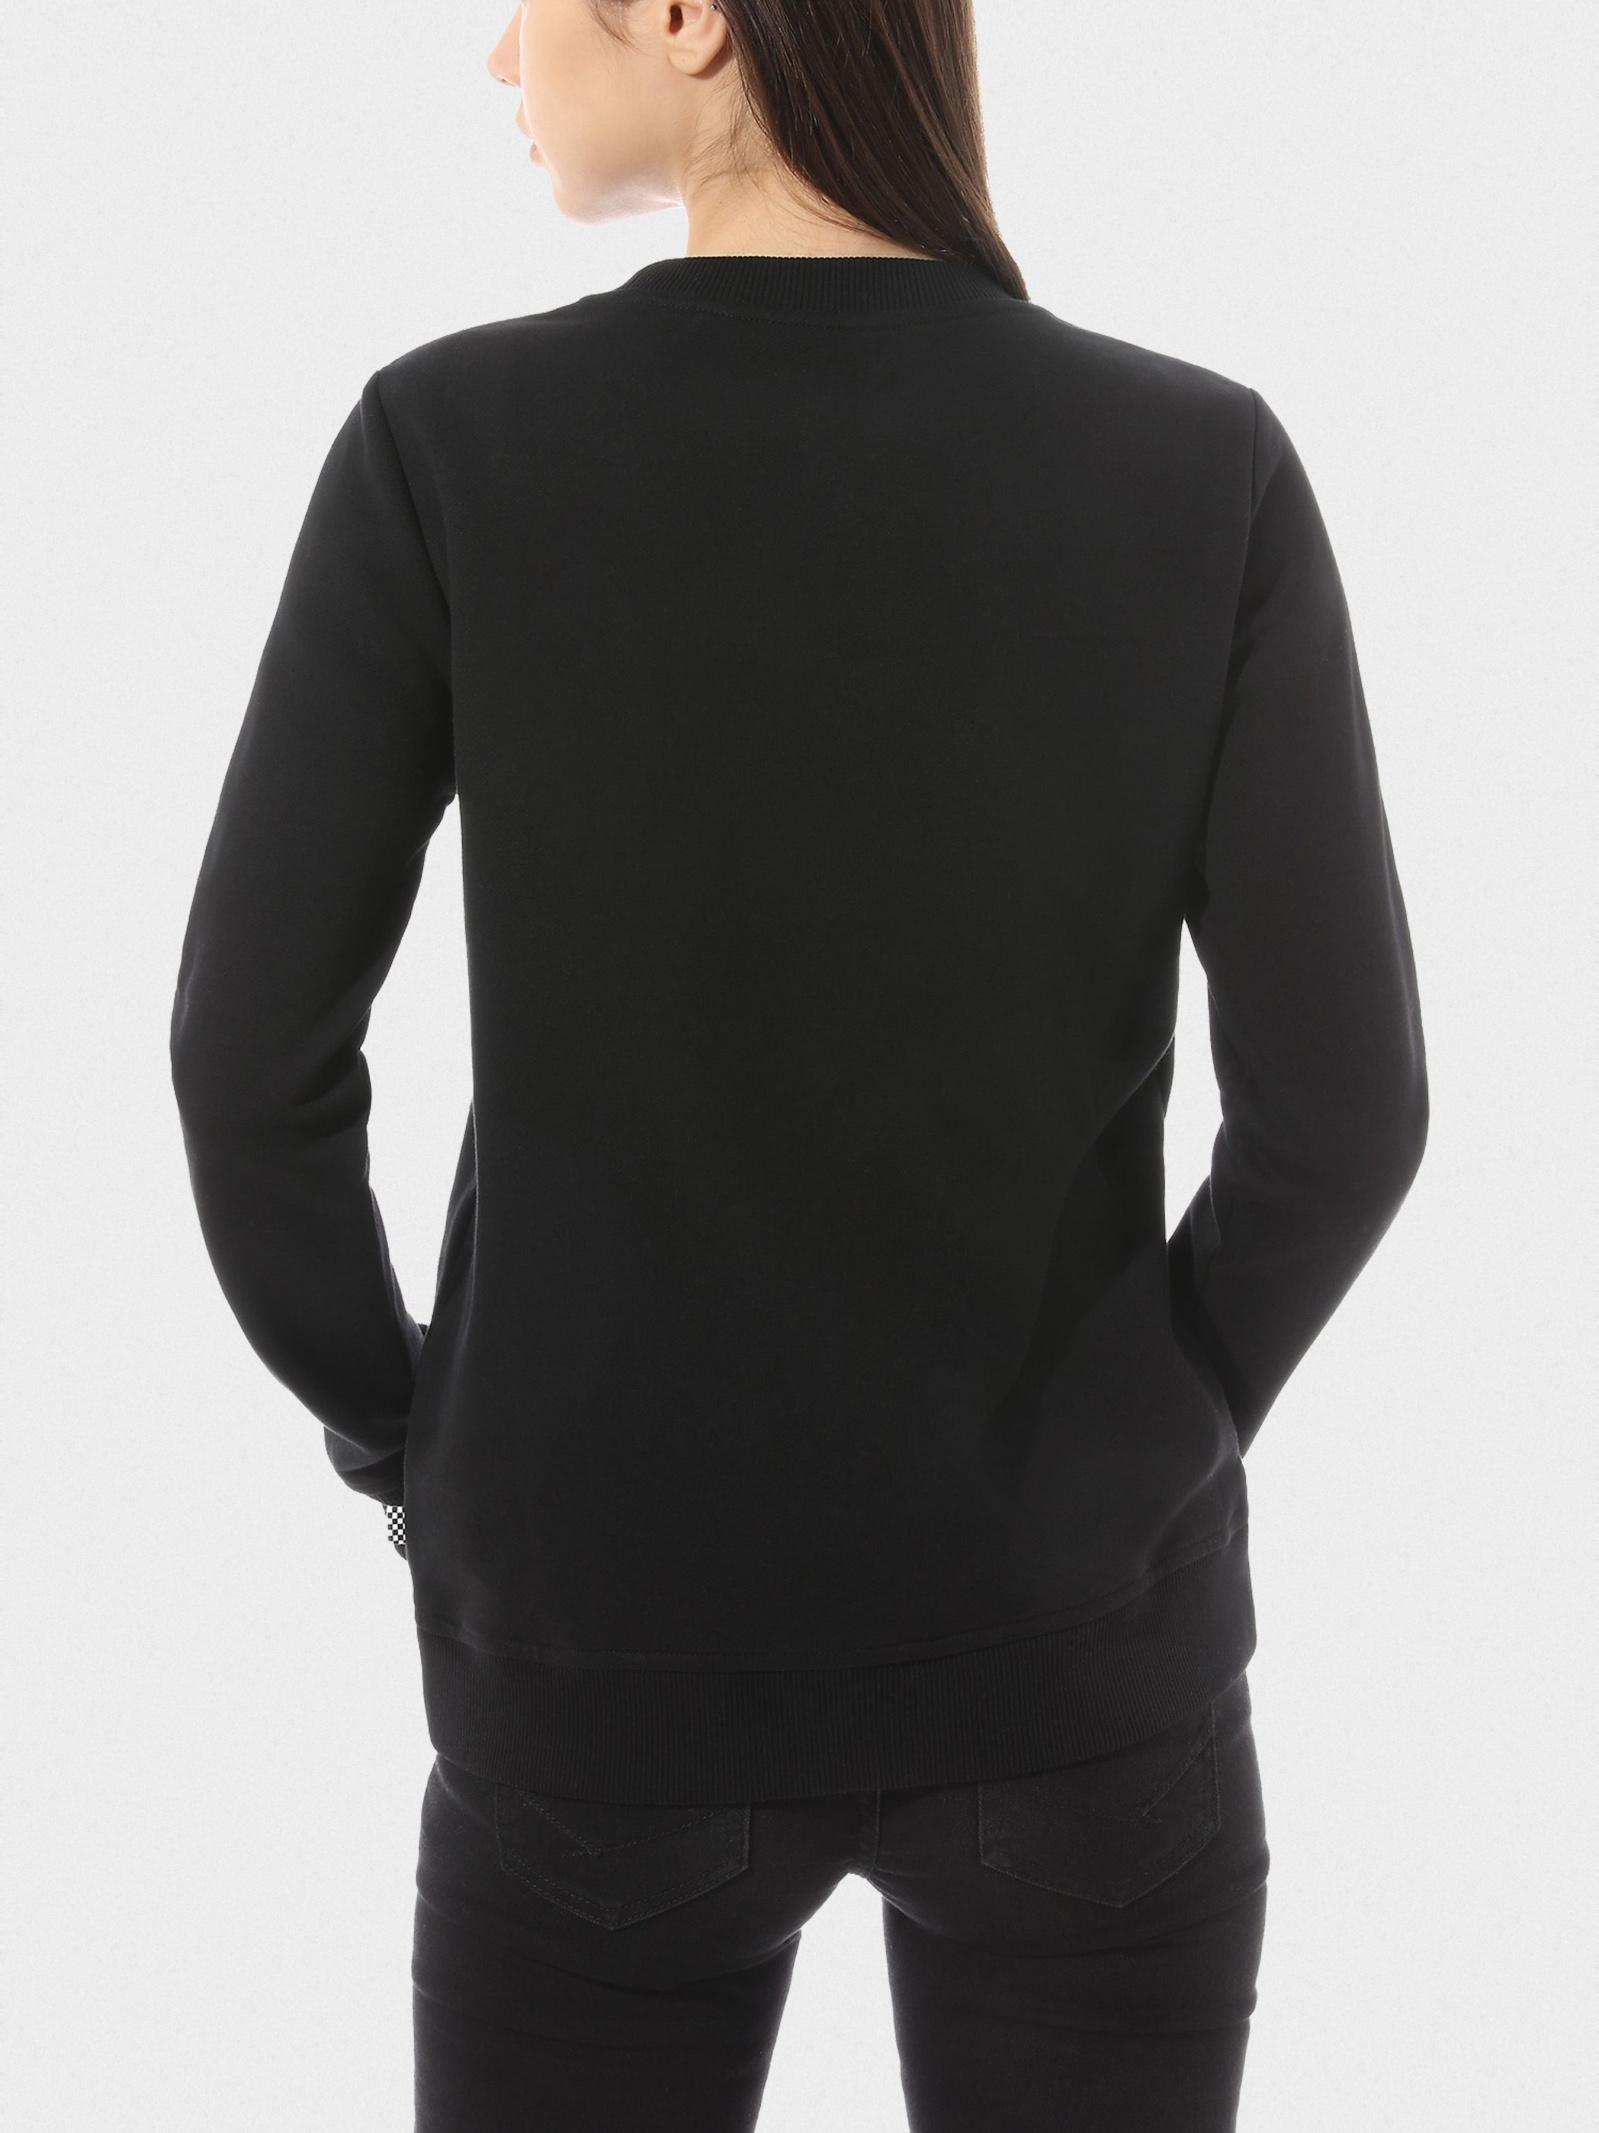 Кофты и свитера женские Vans модель V2171 качество, 2017